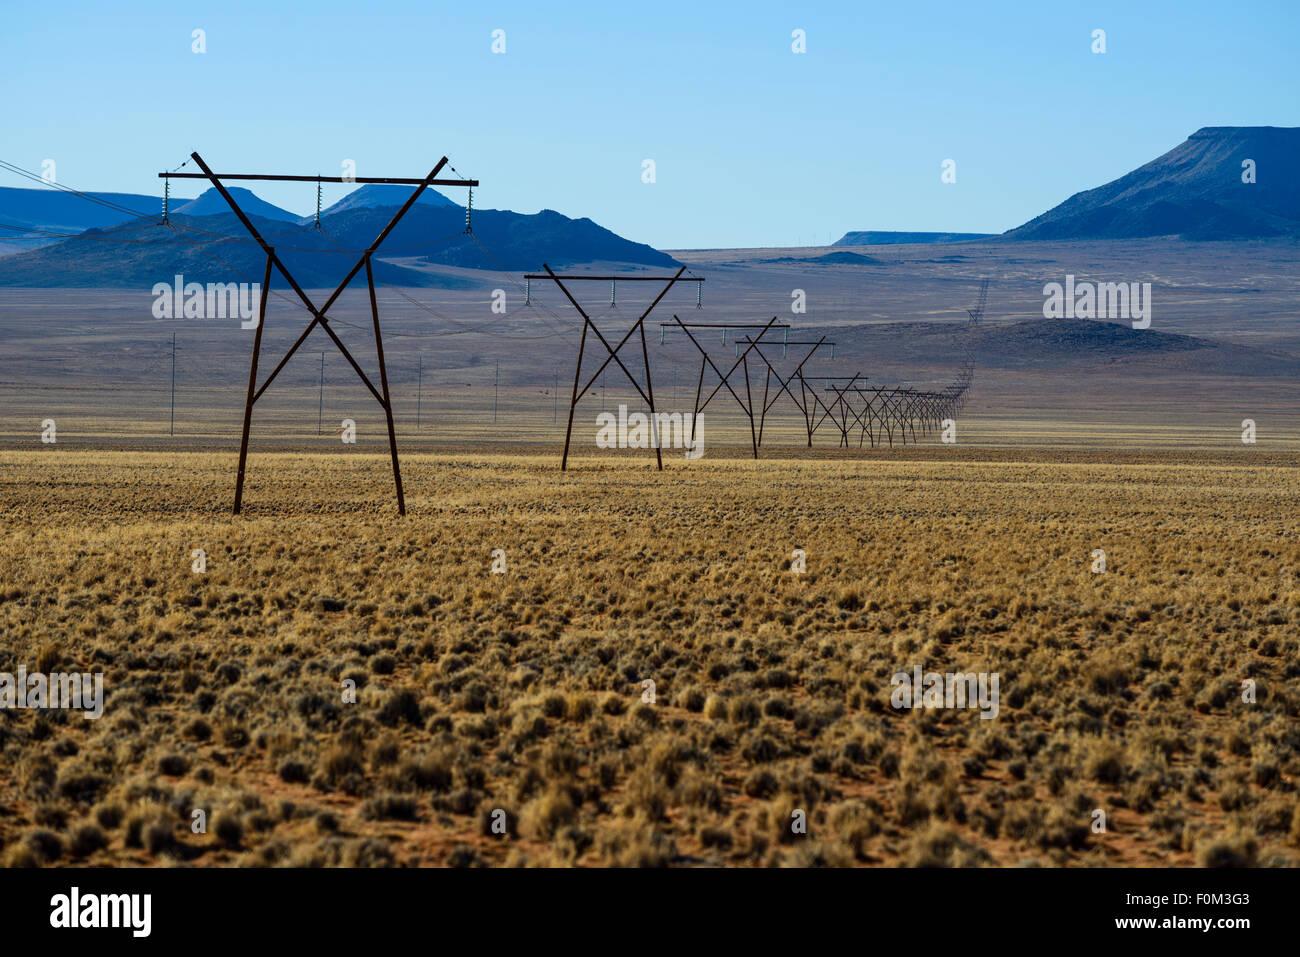 High voltage pylon across the namibian desert, Africa - Stock Image